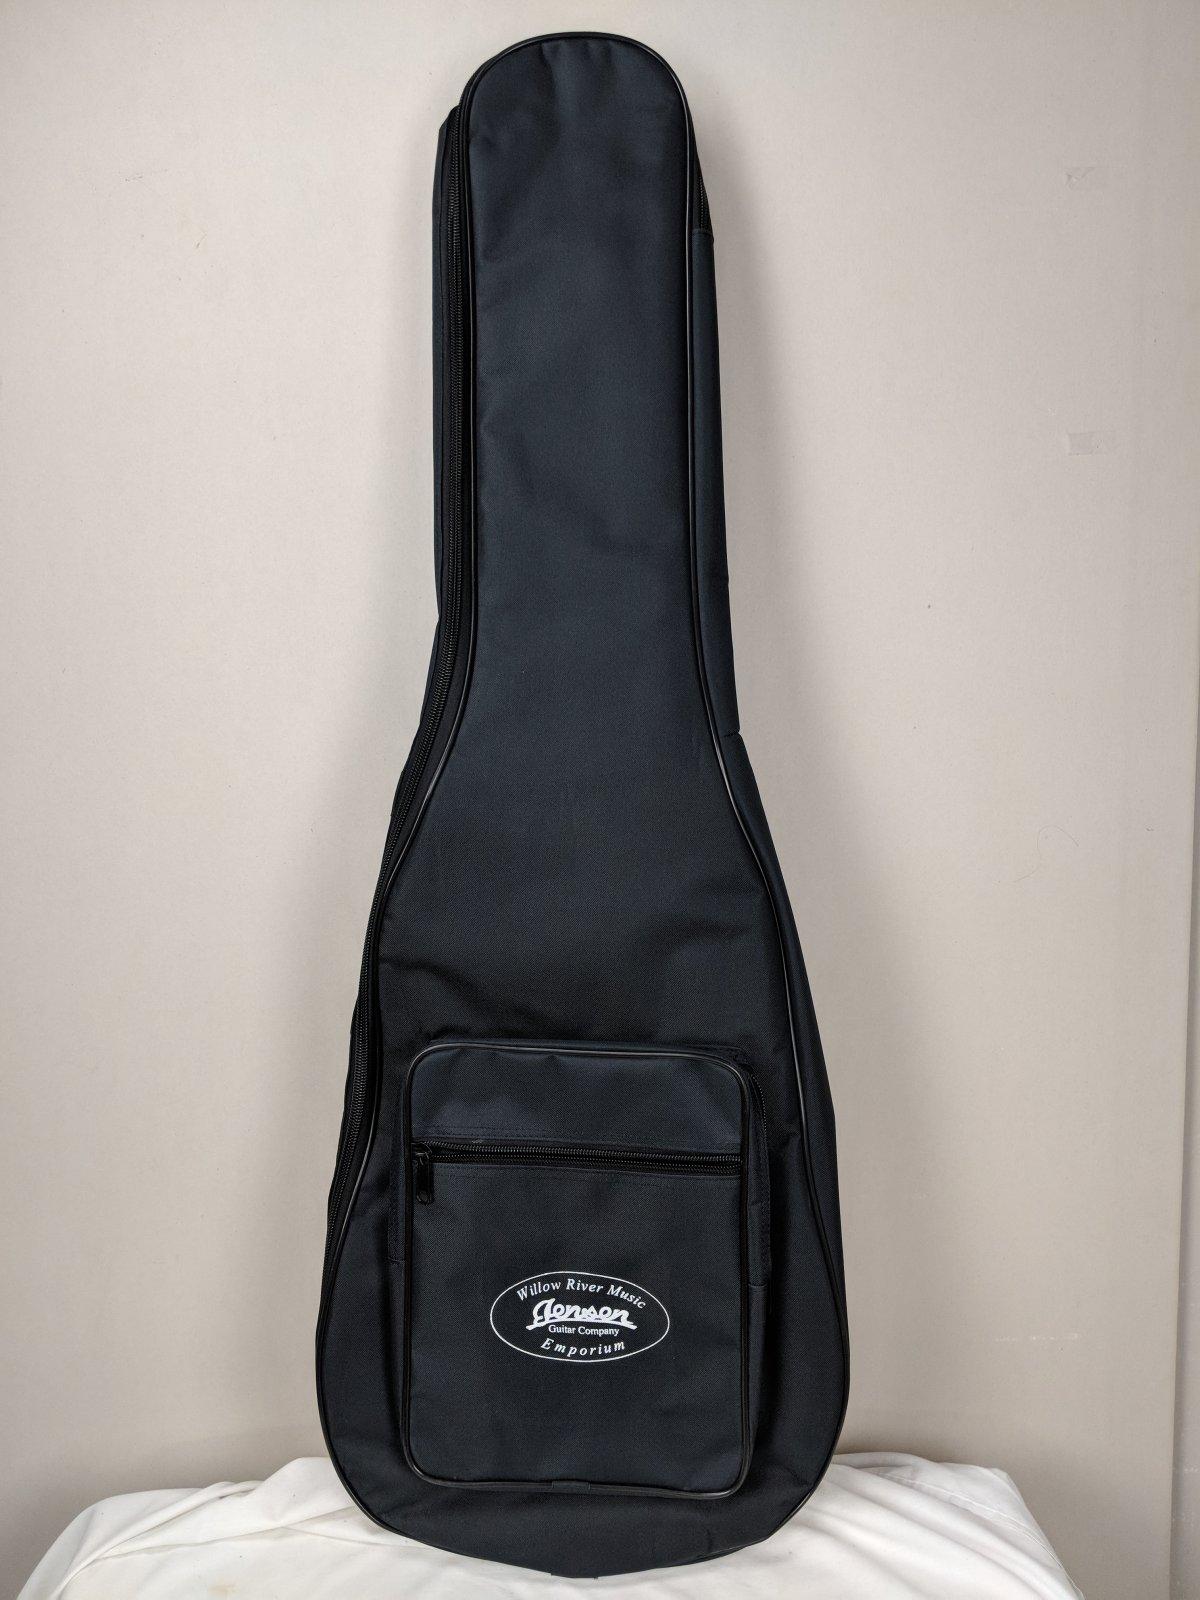 Henry Heller Hgb B1 Bass Gig Bag 818246014725